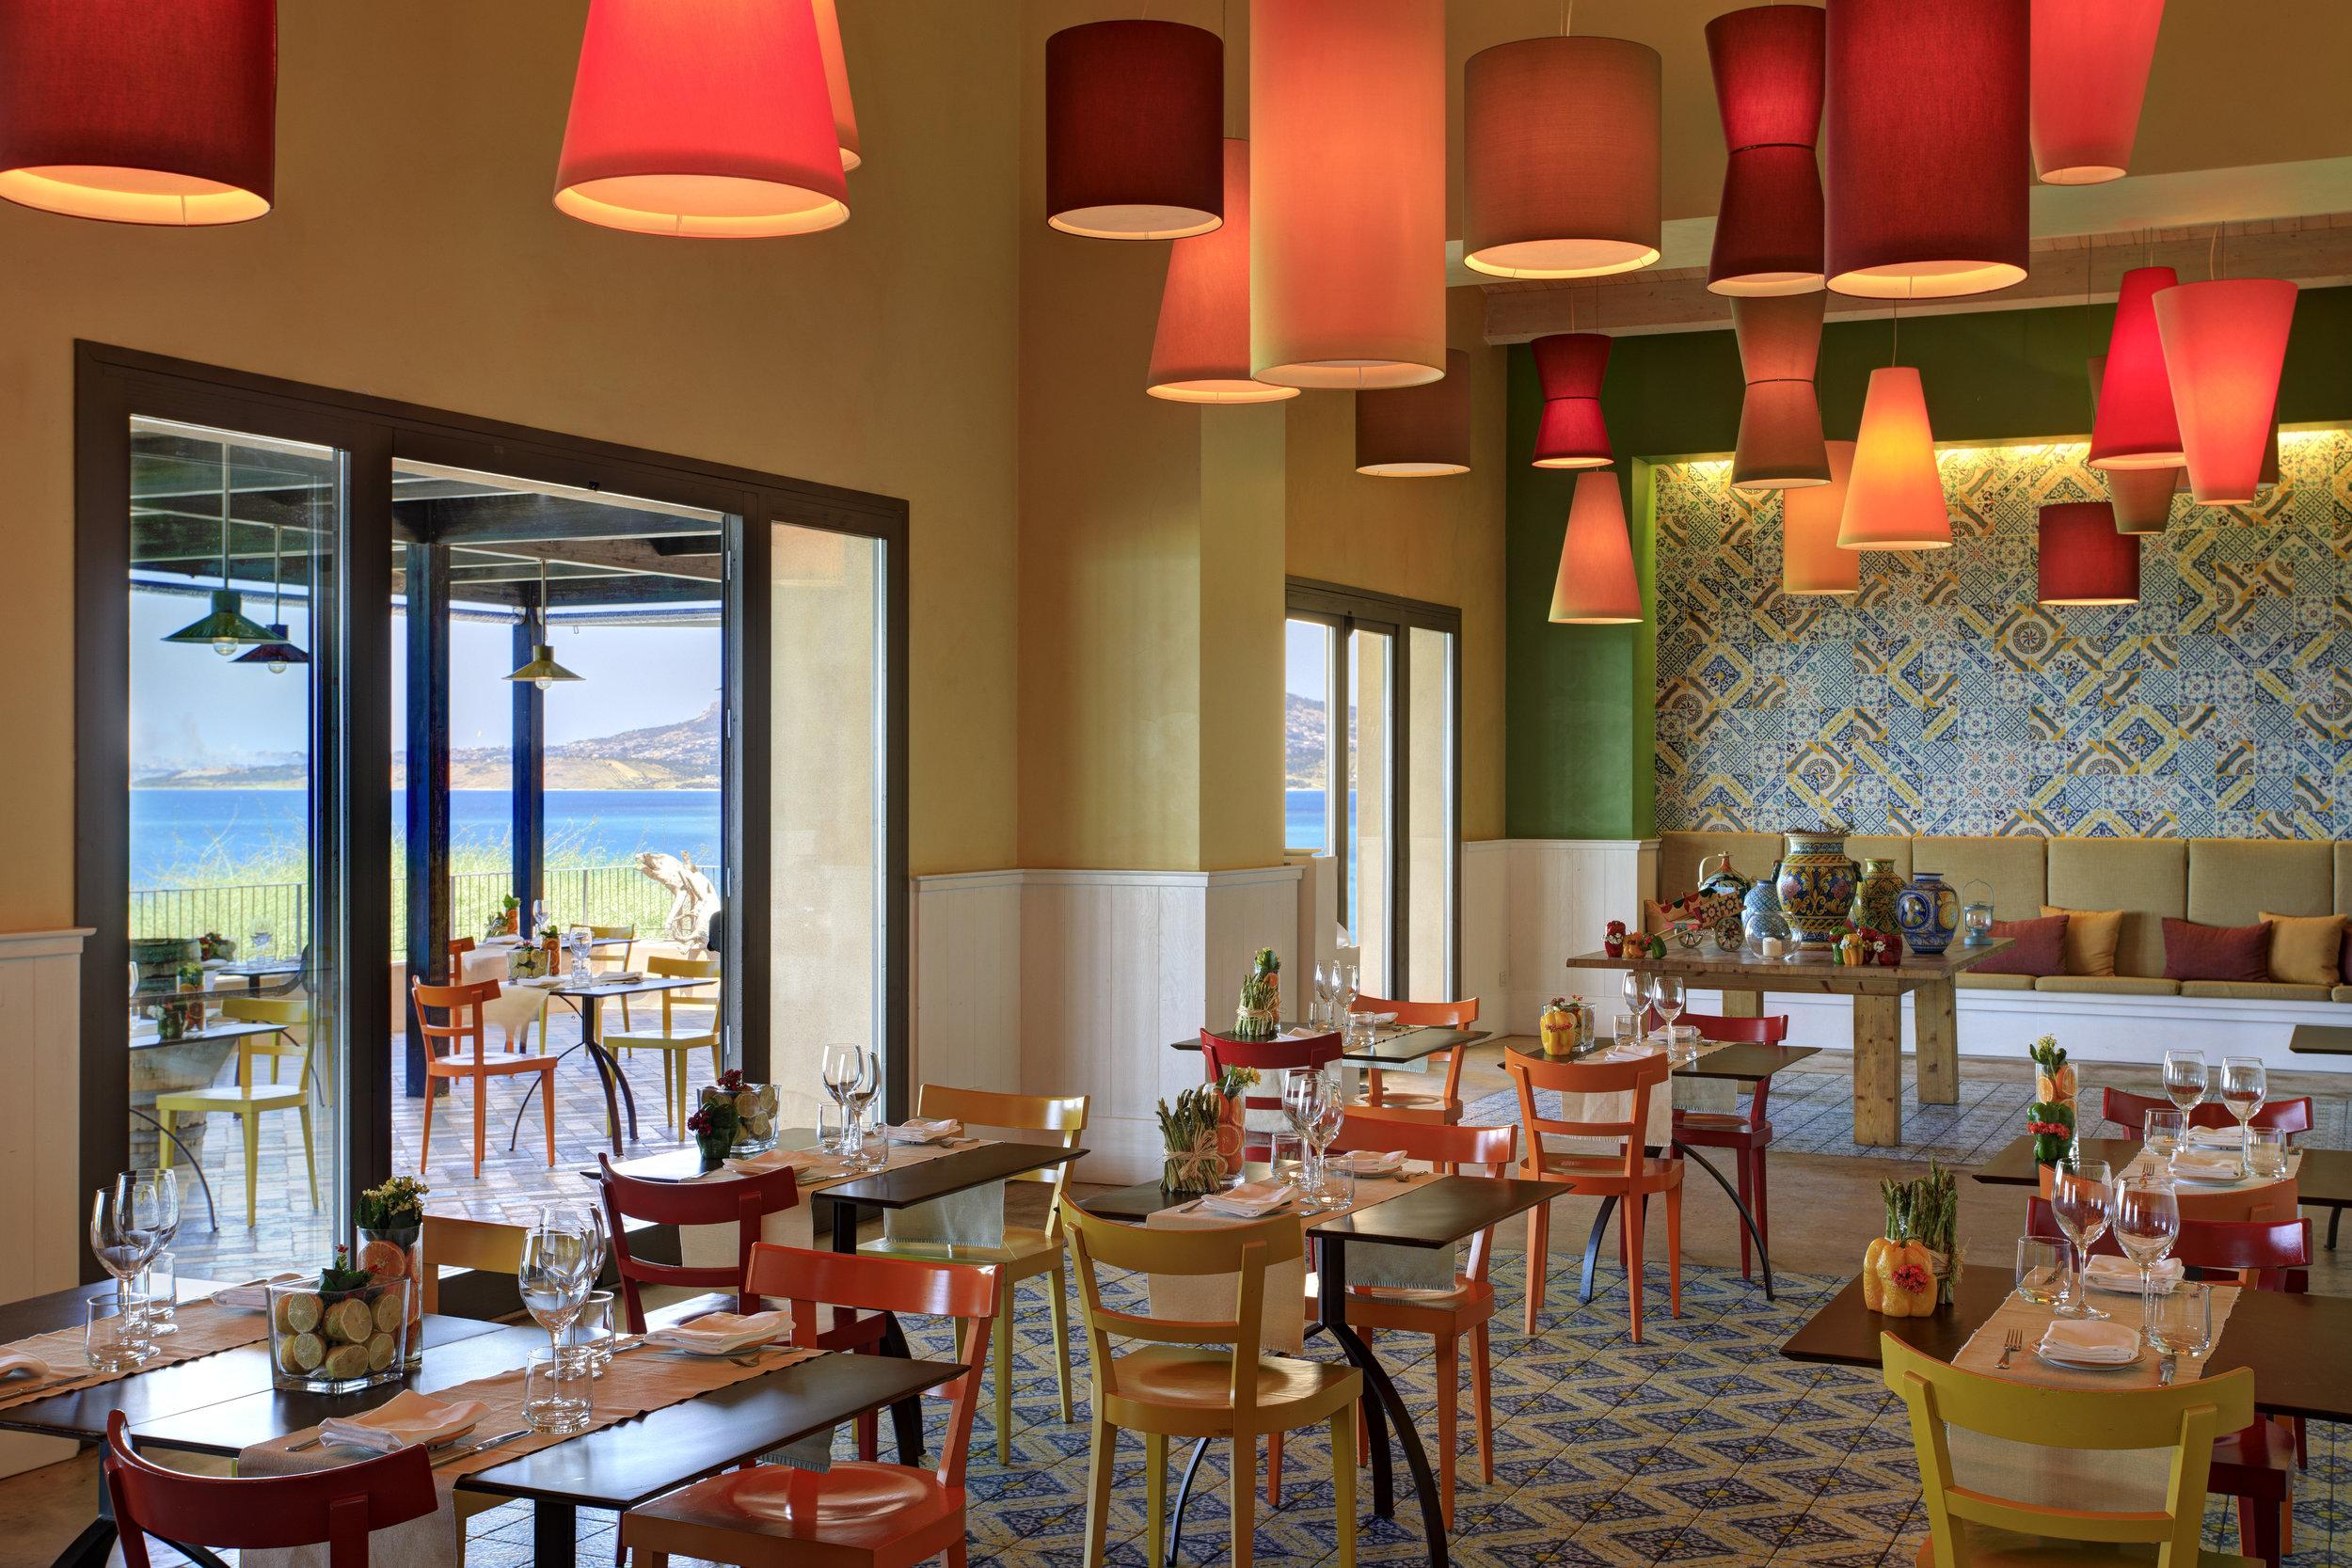 8 RFH Verdura Resort - Liola 5042 Jul 17.JPG